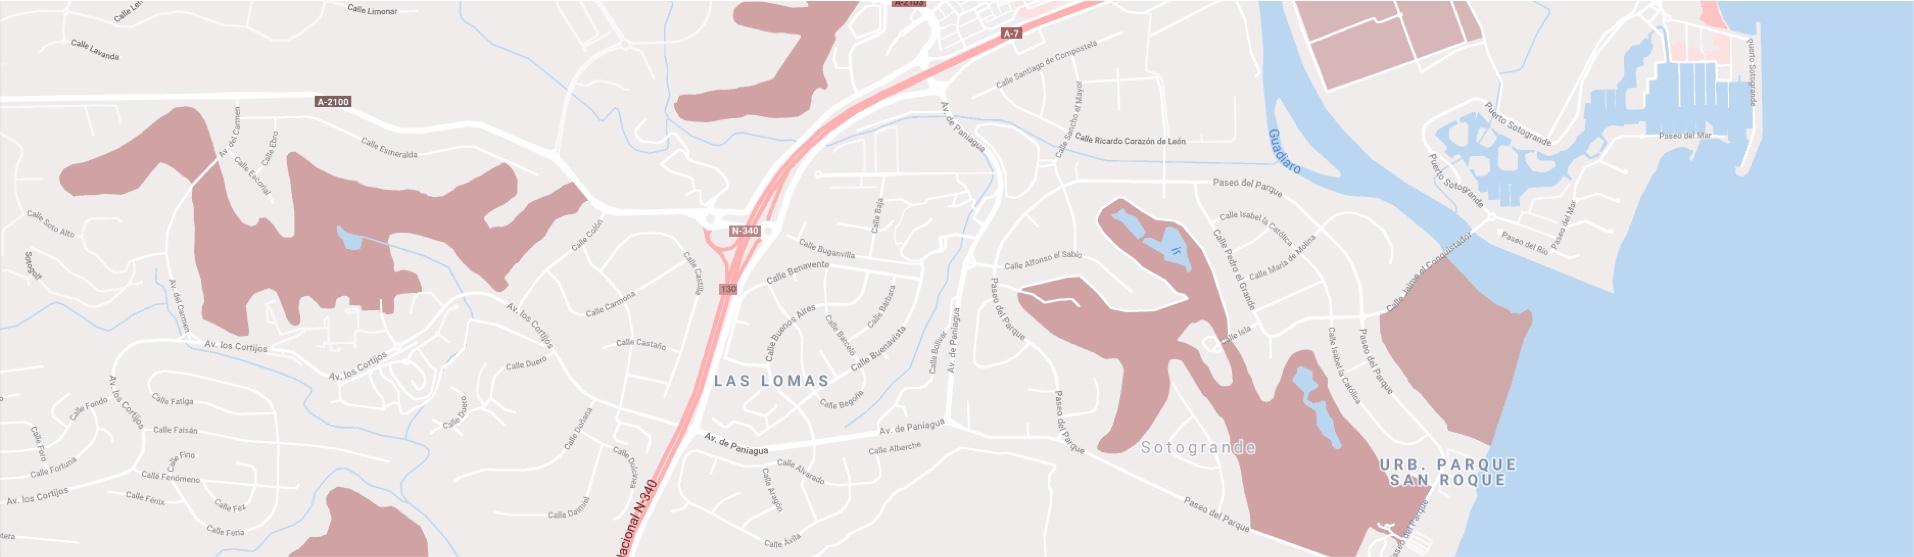 Mapa de localización, Inmobiliaria Sotogrande Properties by Goli